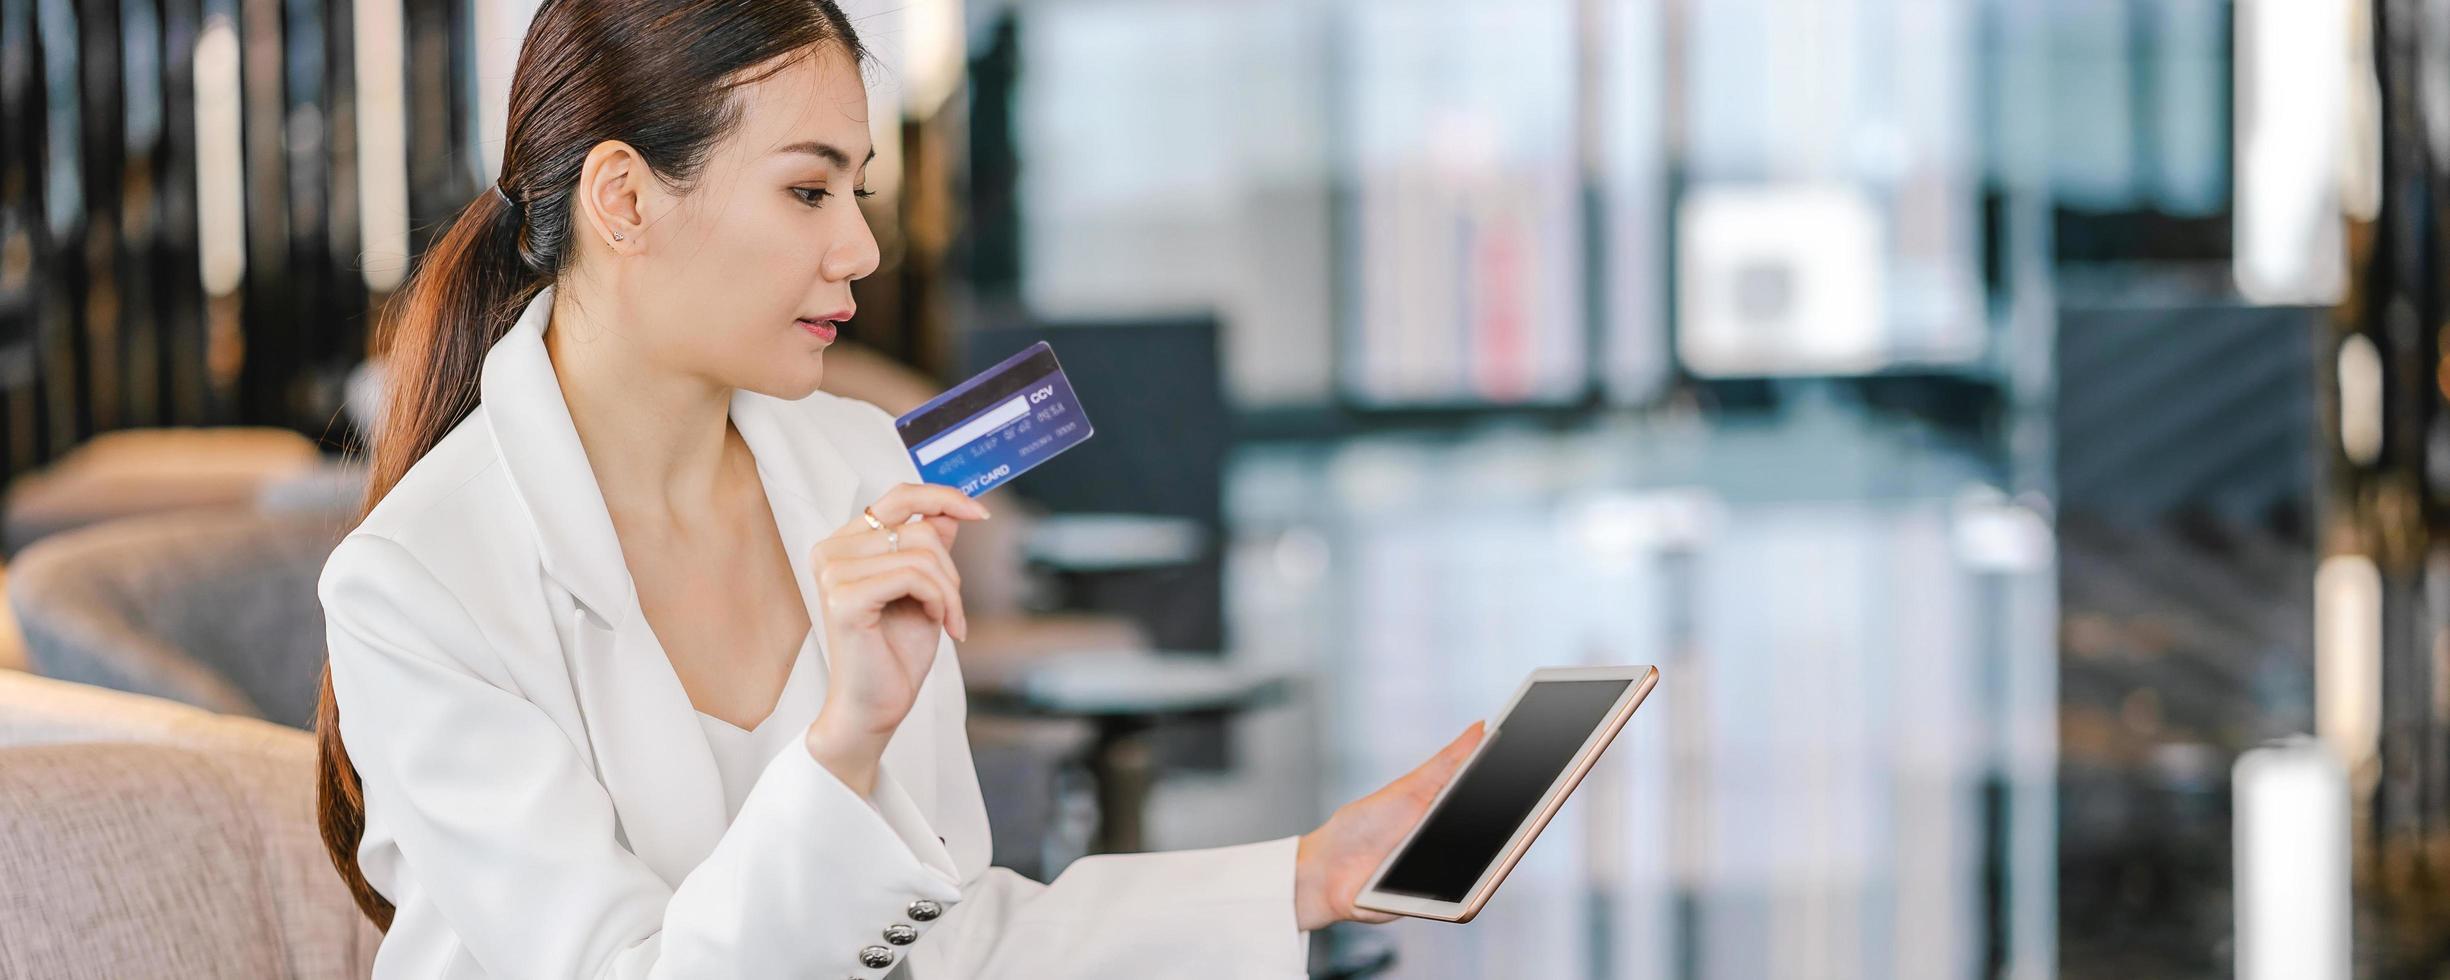 una donna asiatica che utilizza la carta di credito per lo shopping online nella hall foto